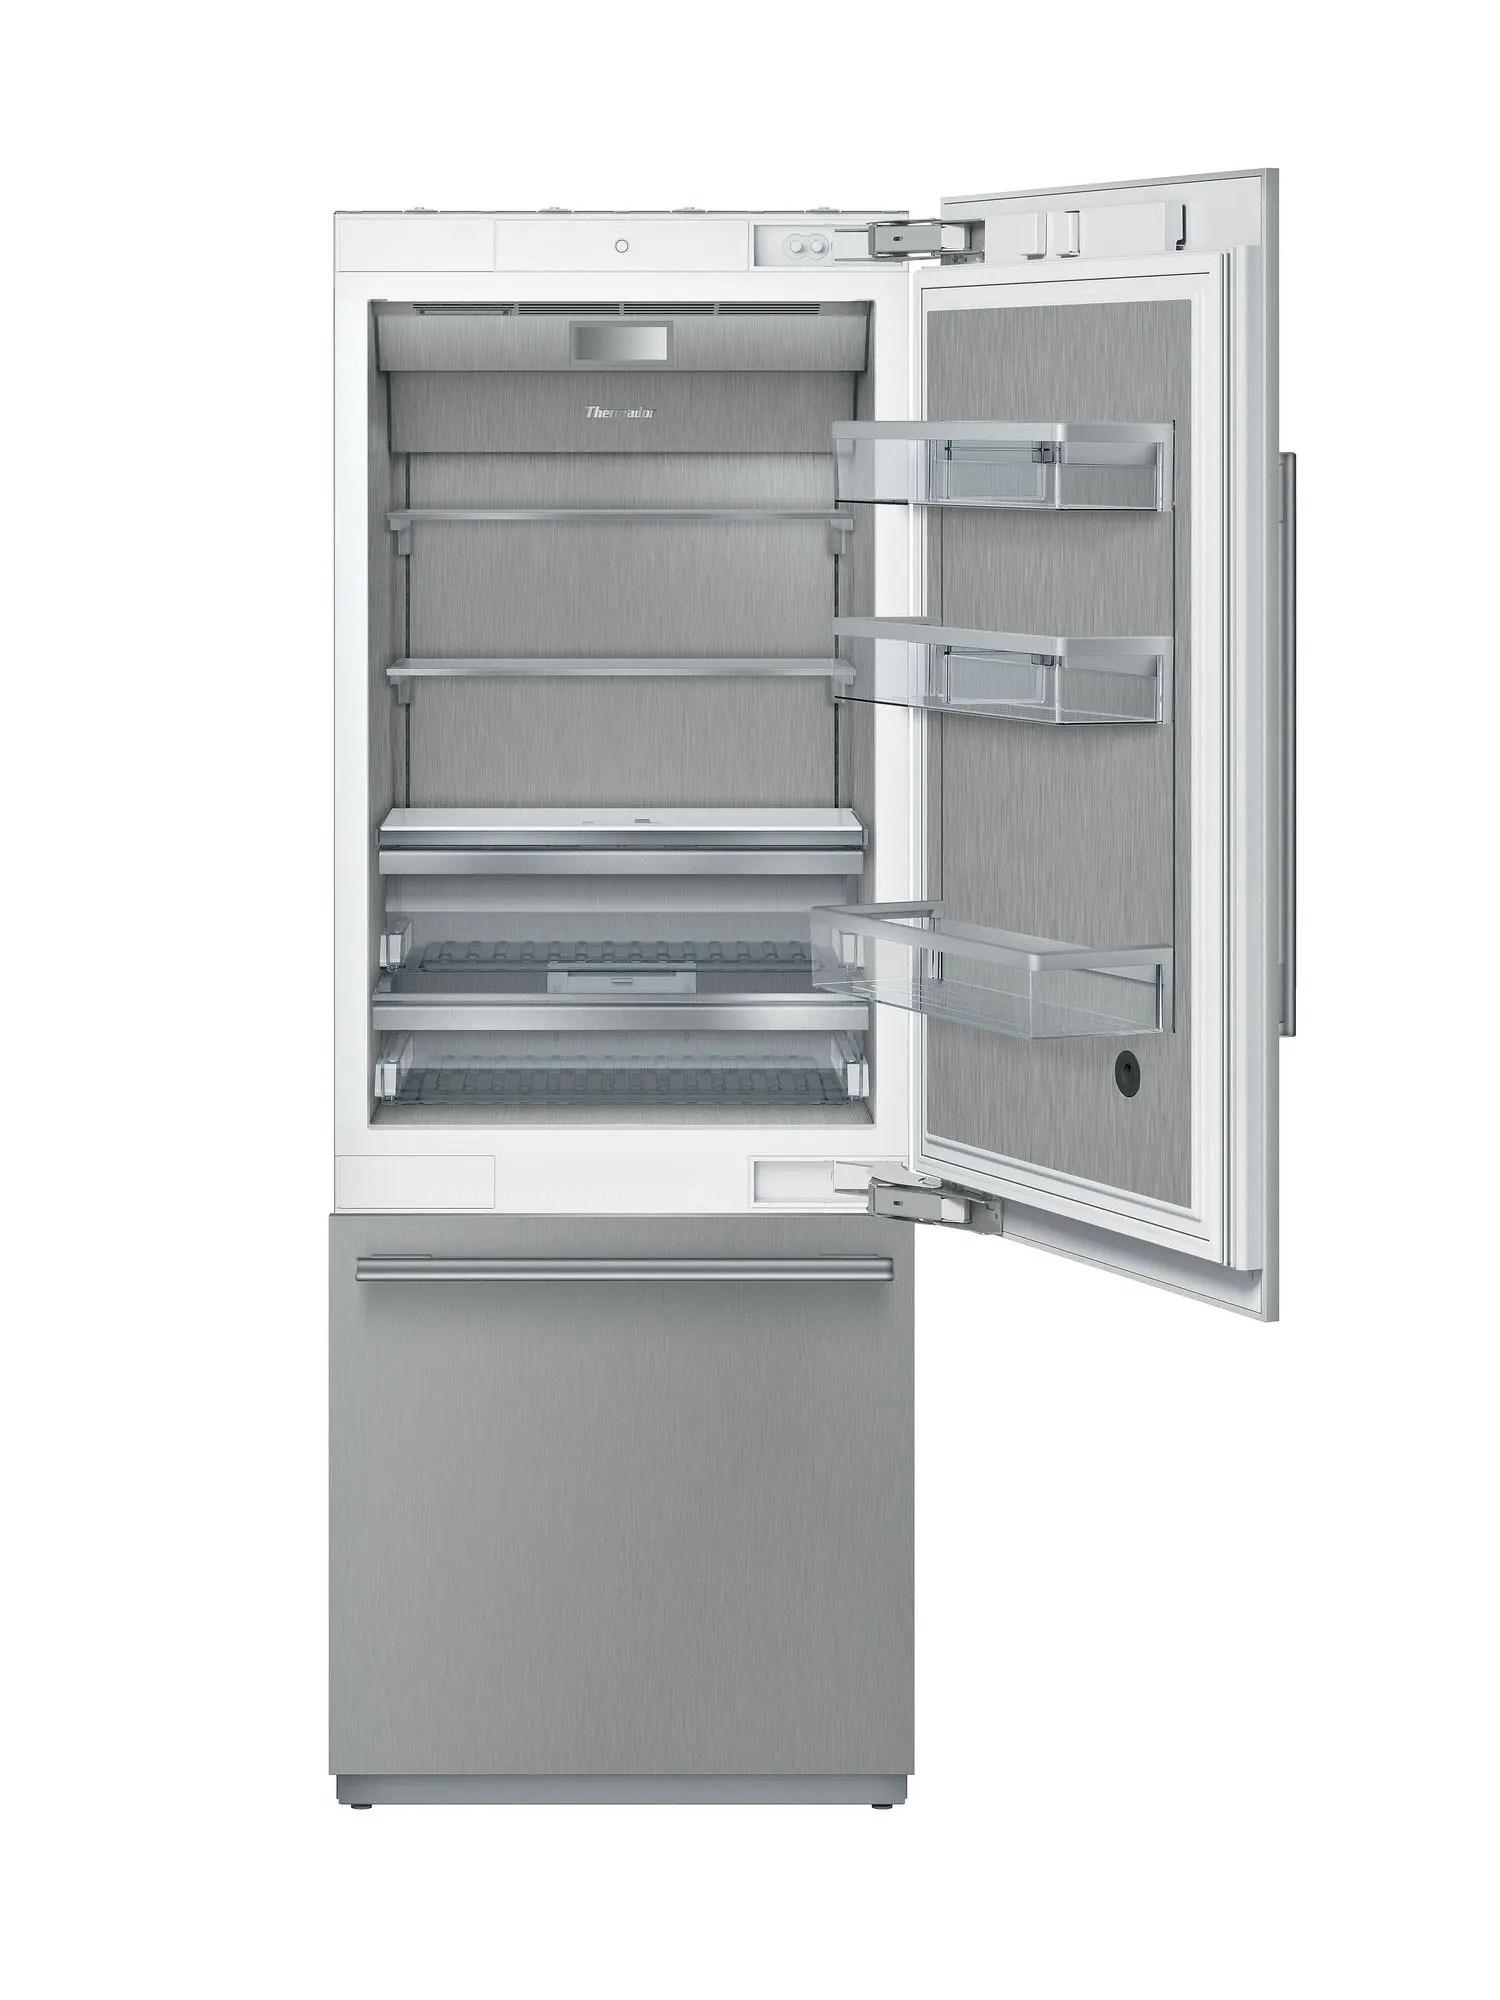 Built-in Two Door Bottom Freezer 30'' Masterpiece®